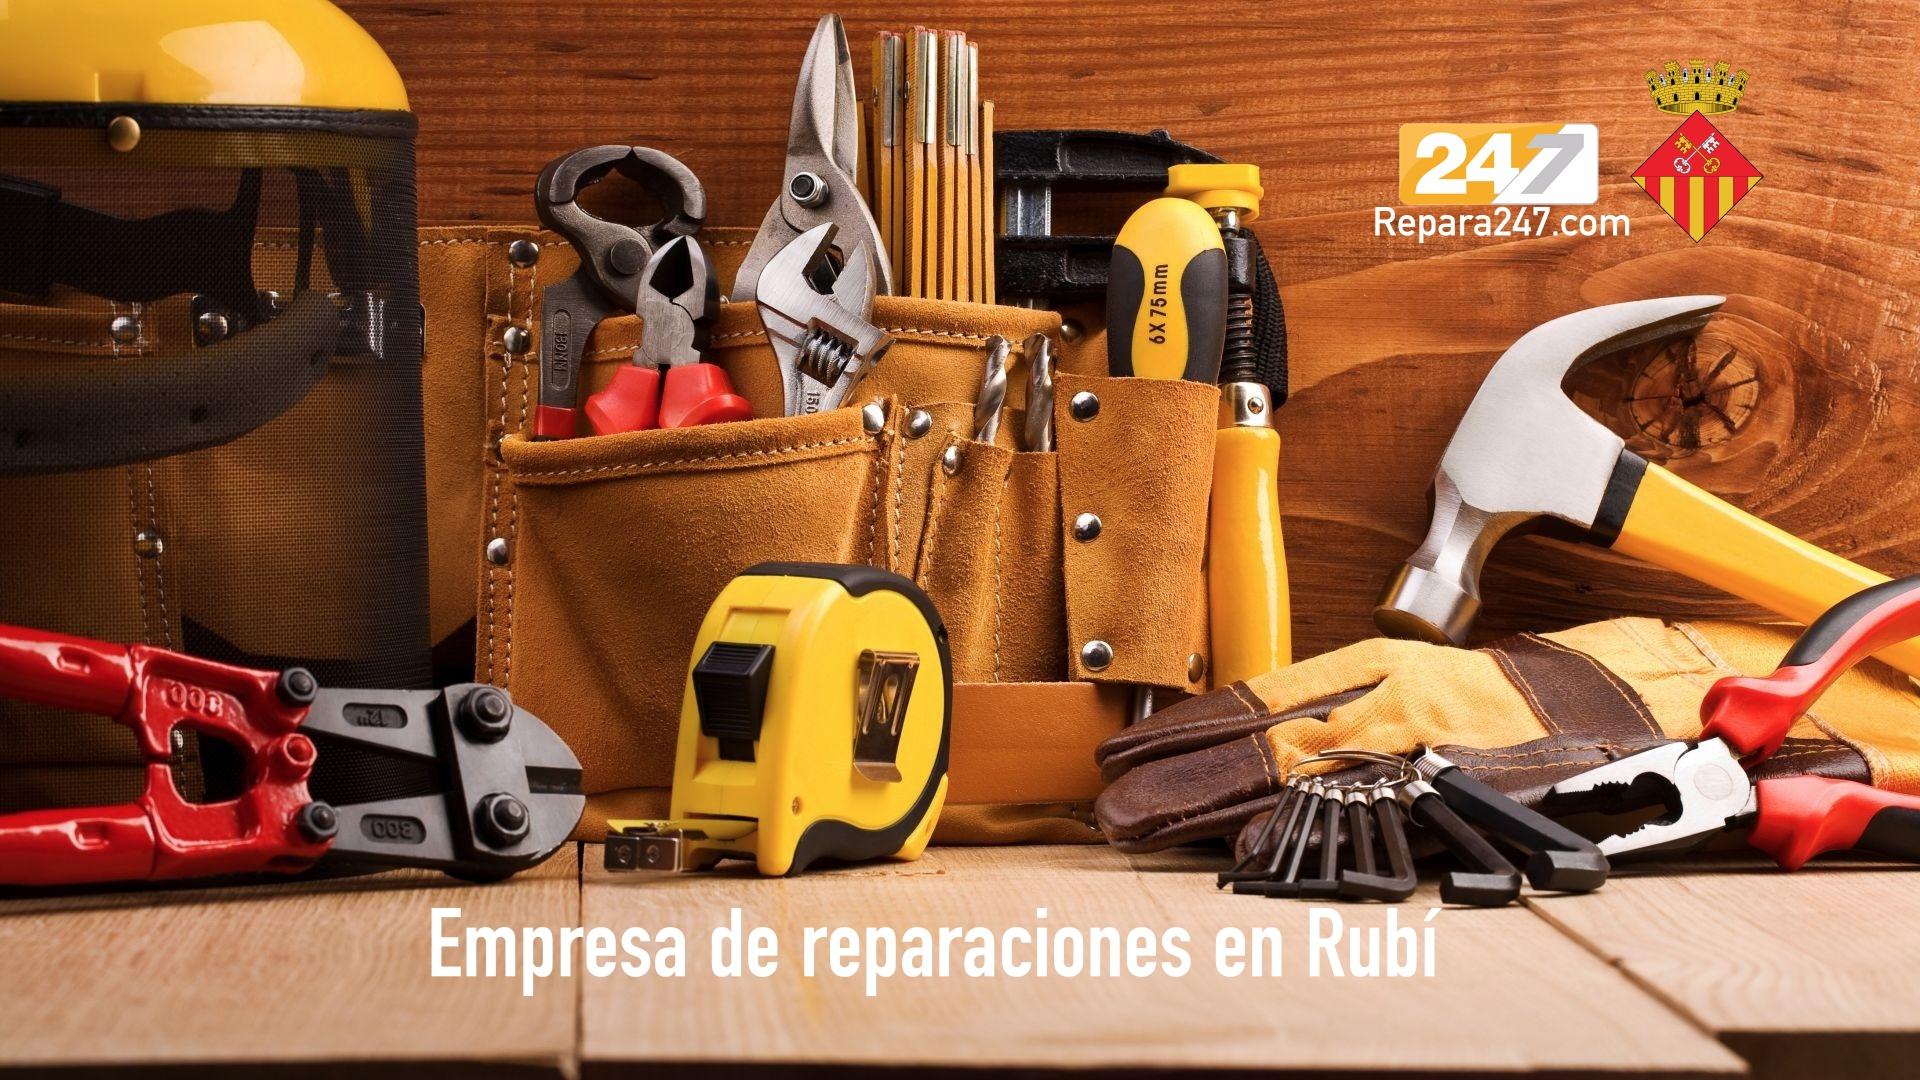 Empresa de reparaciones en Rubí